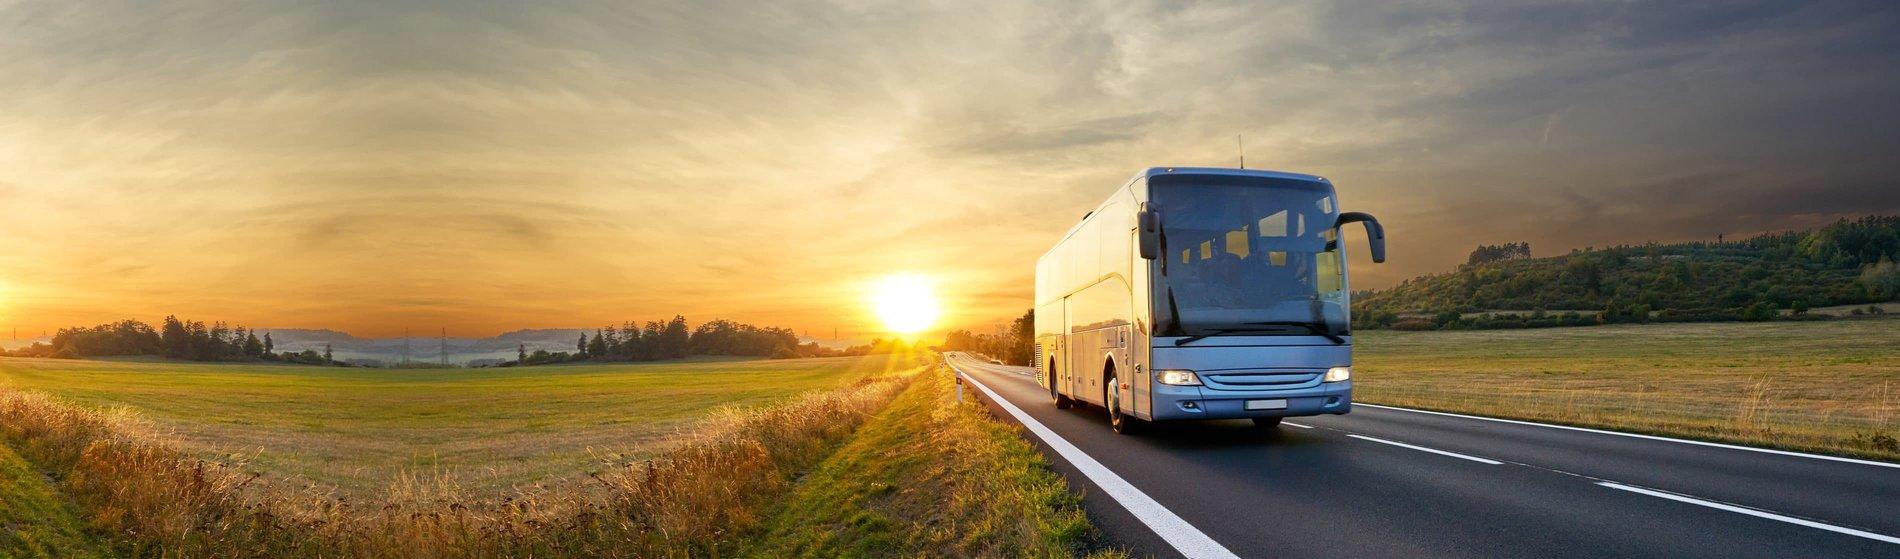 Cómo ayuda nuestro software a las compañías de transporte